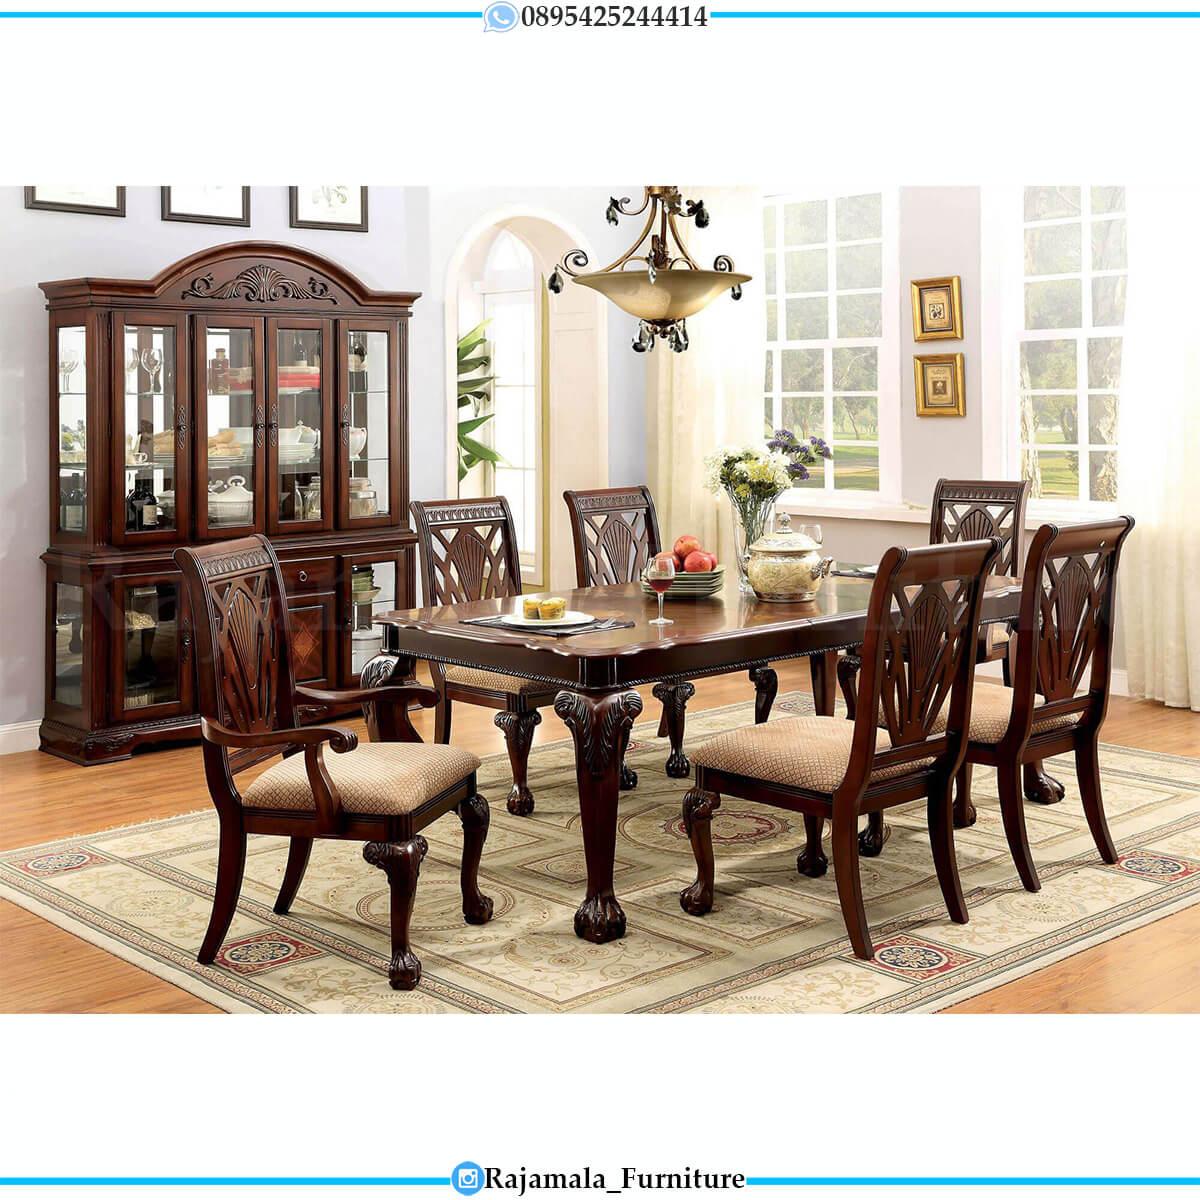 Meja Makan Minimalis Terbaru Natural Jati Solid Wood RM-0717